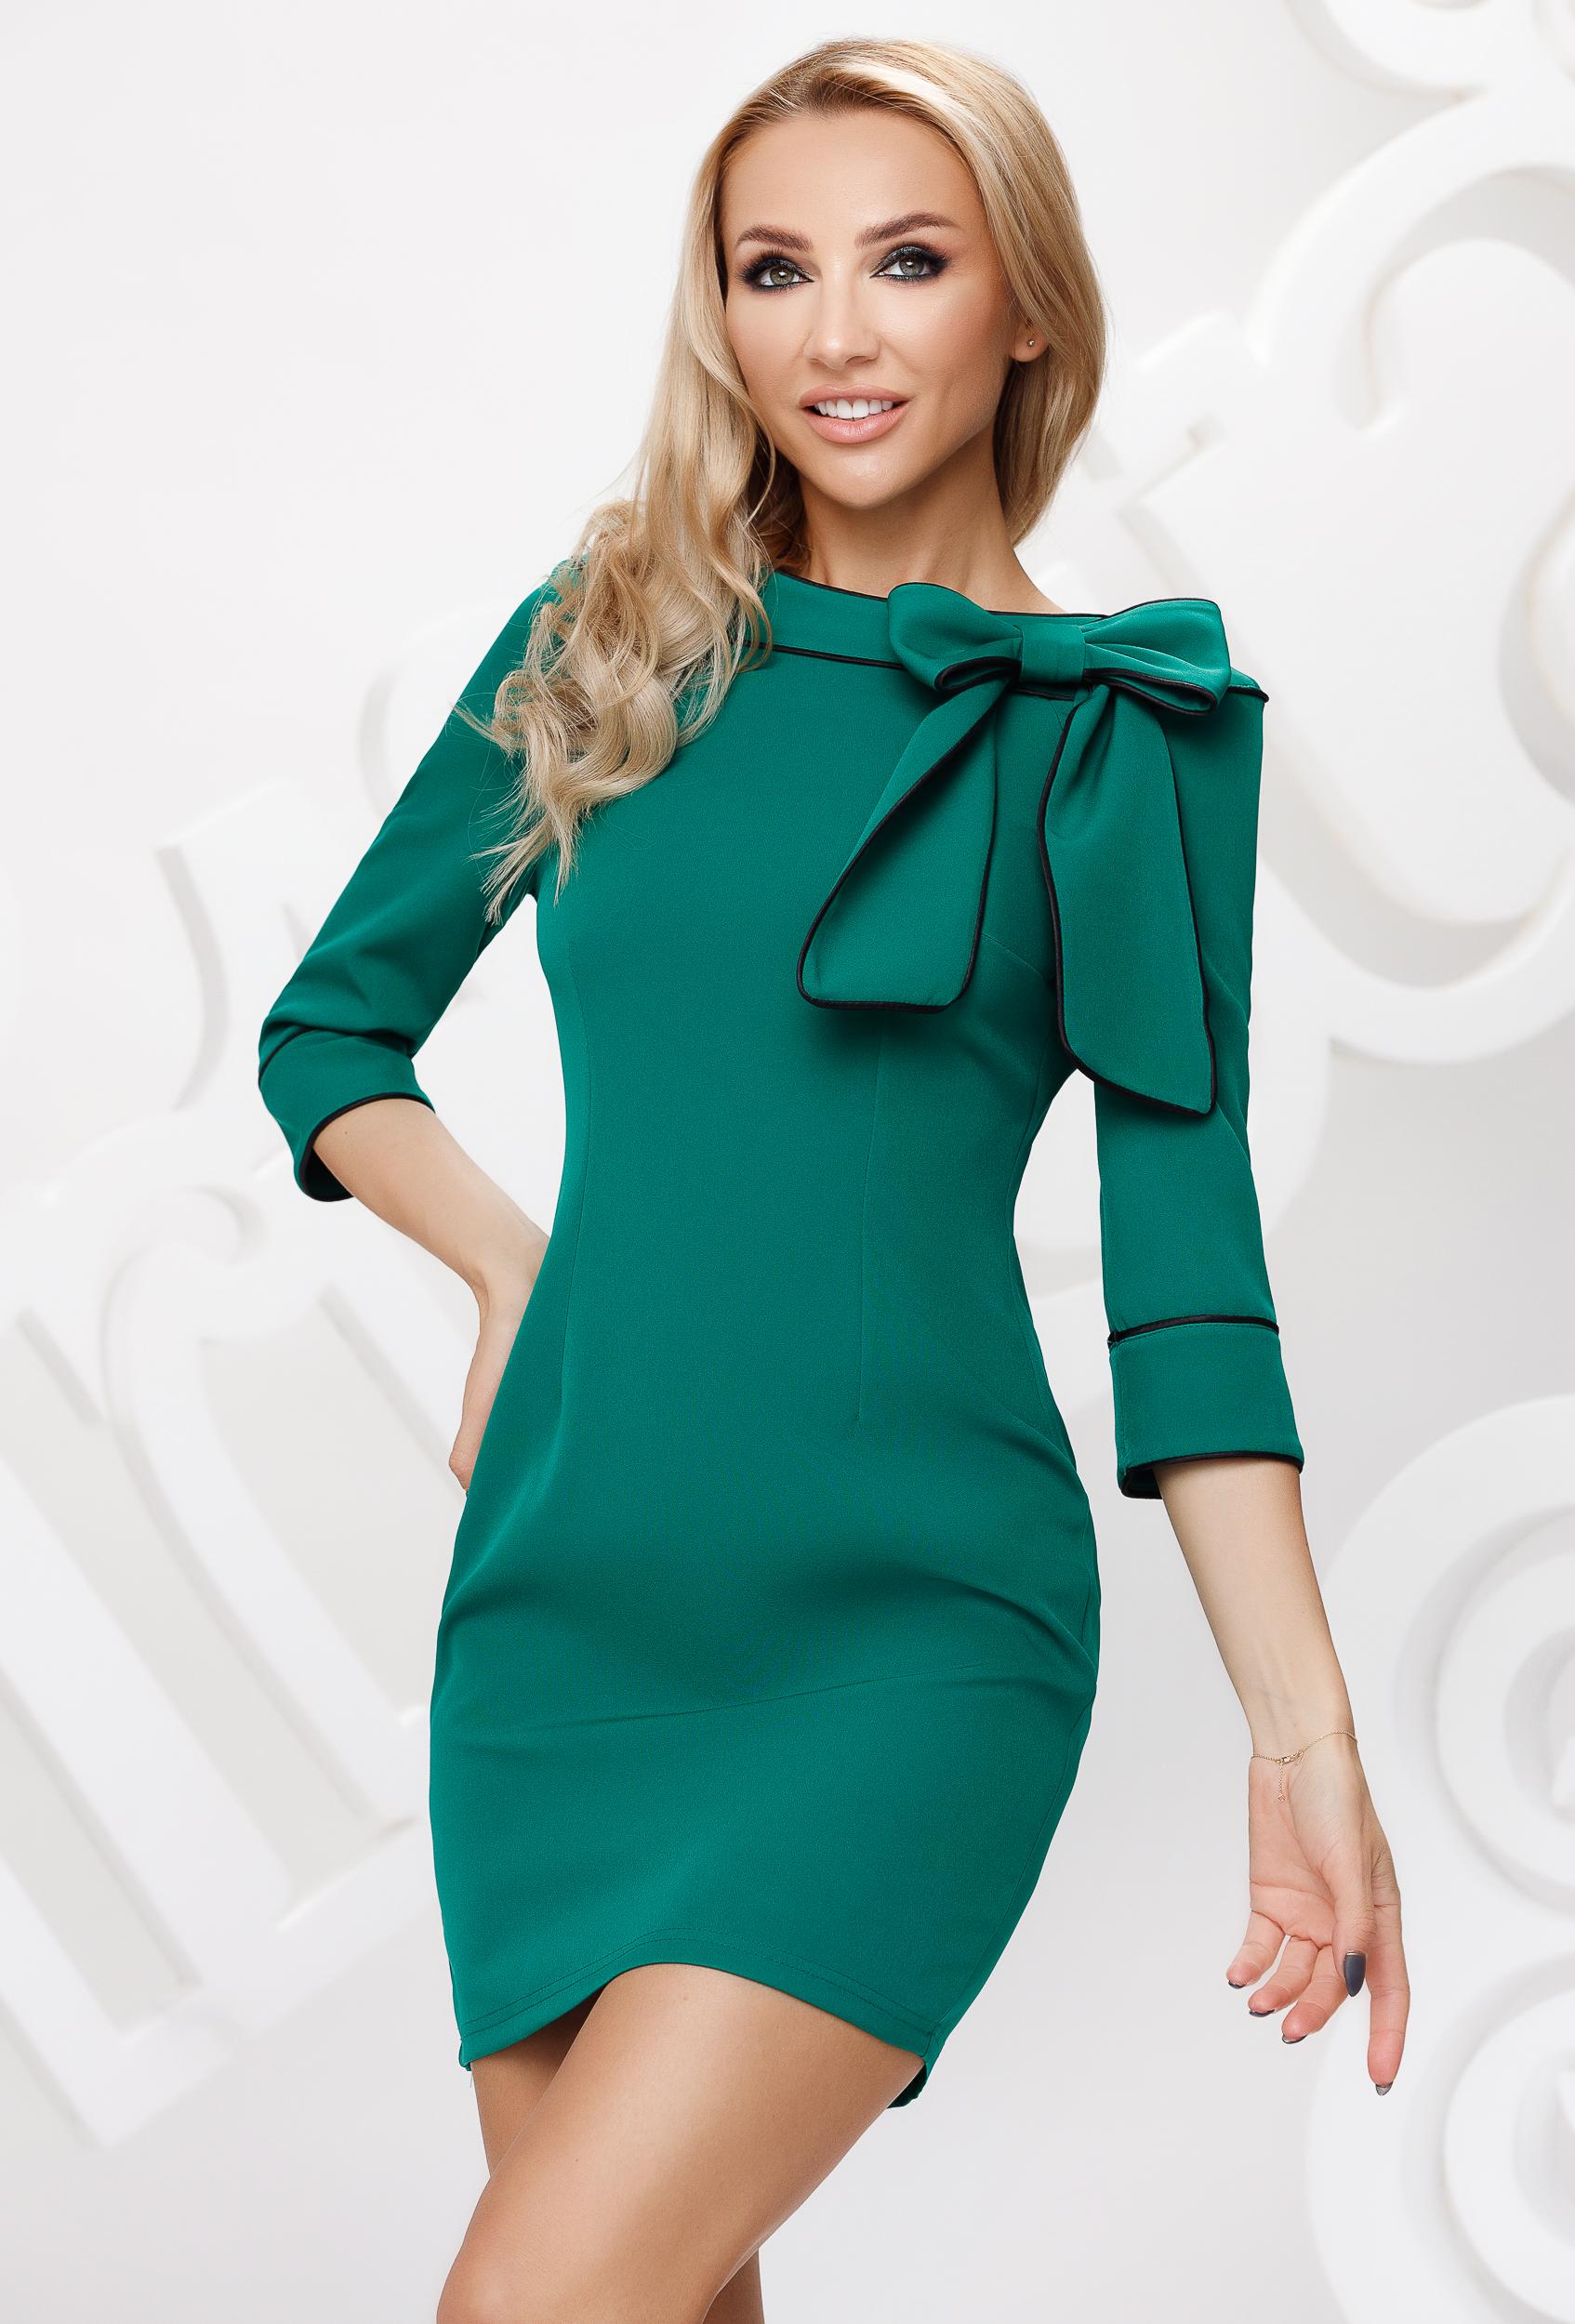 Zöld ceruza ruha masni díszítéssel és dupla gallérral